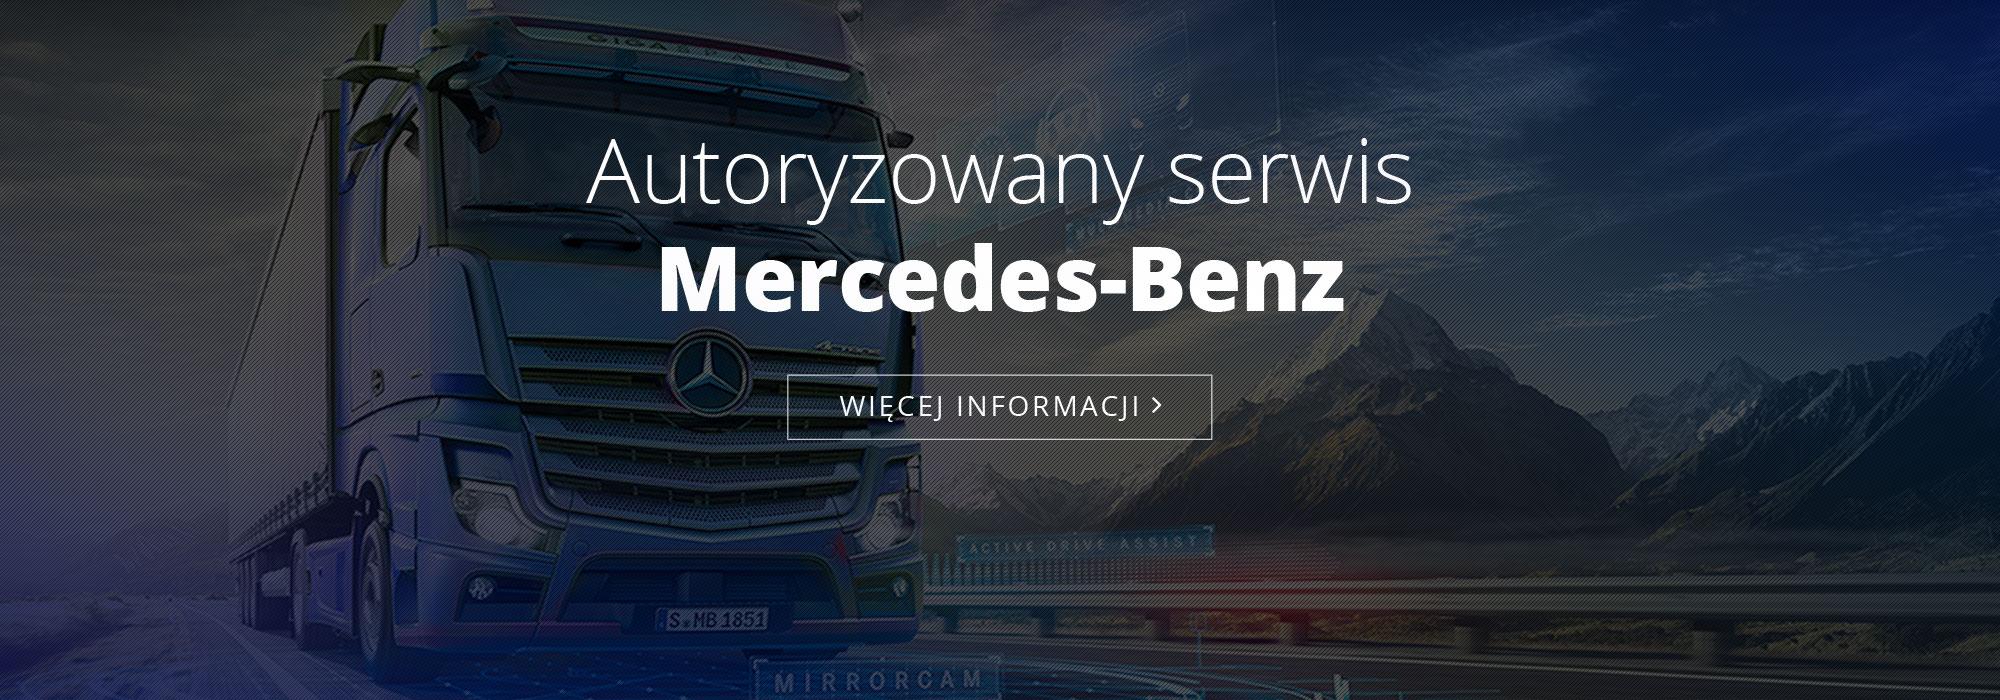 Autoryzowany serwis Mercedes-Benz Dobczyce